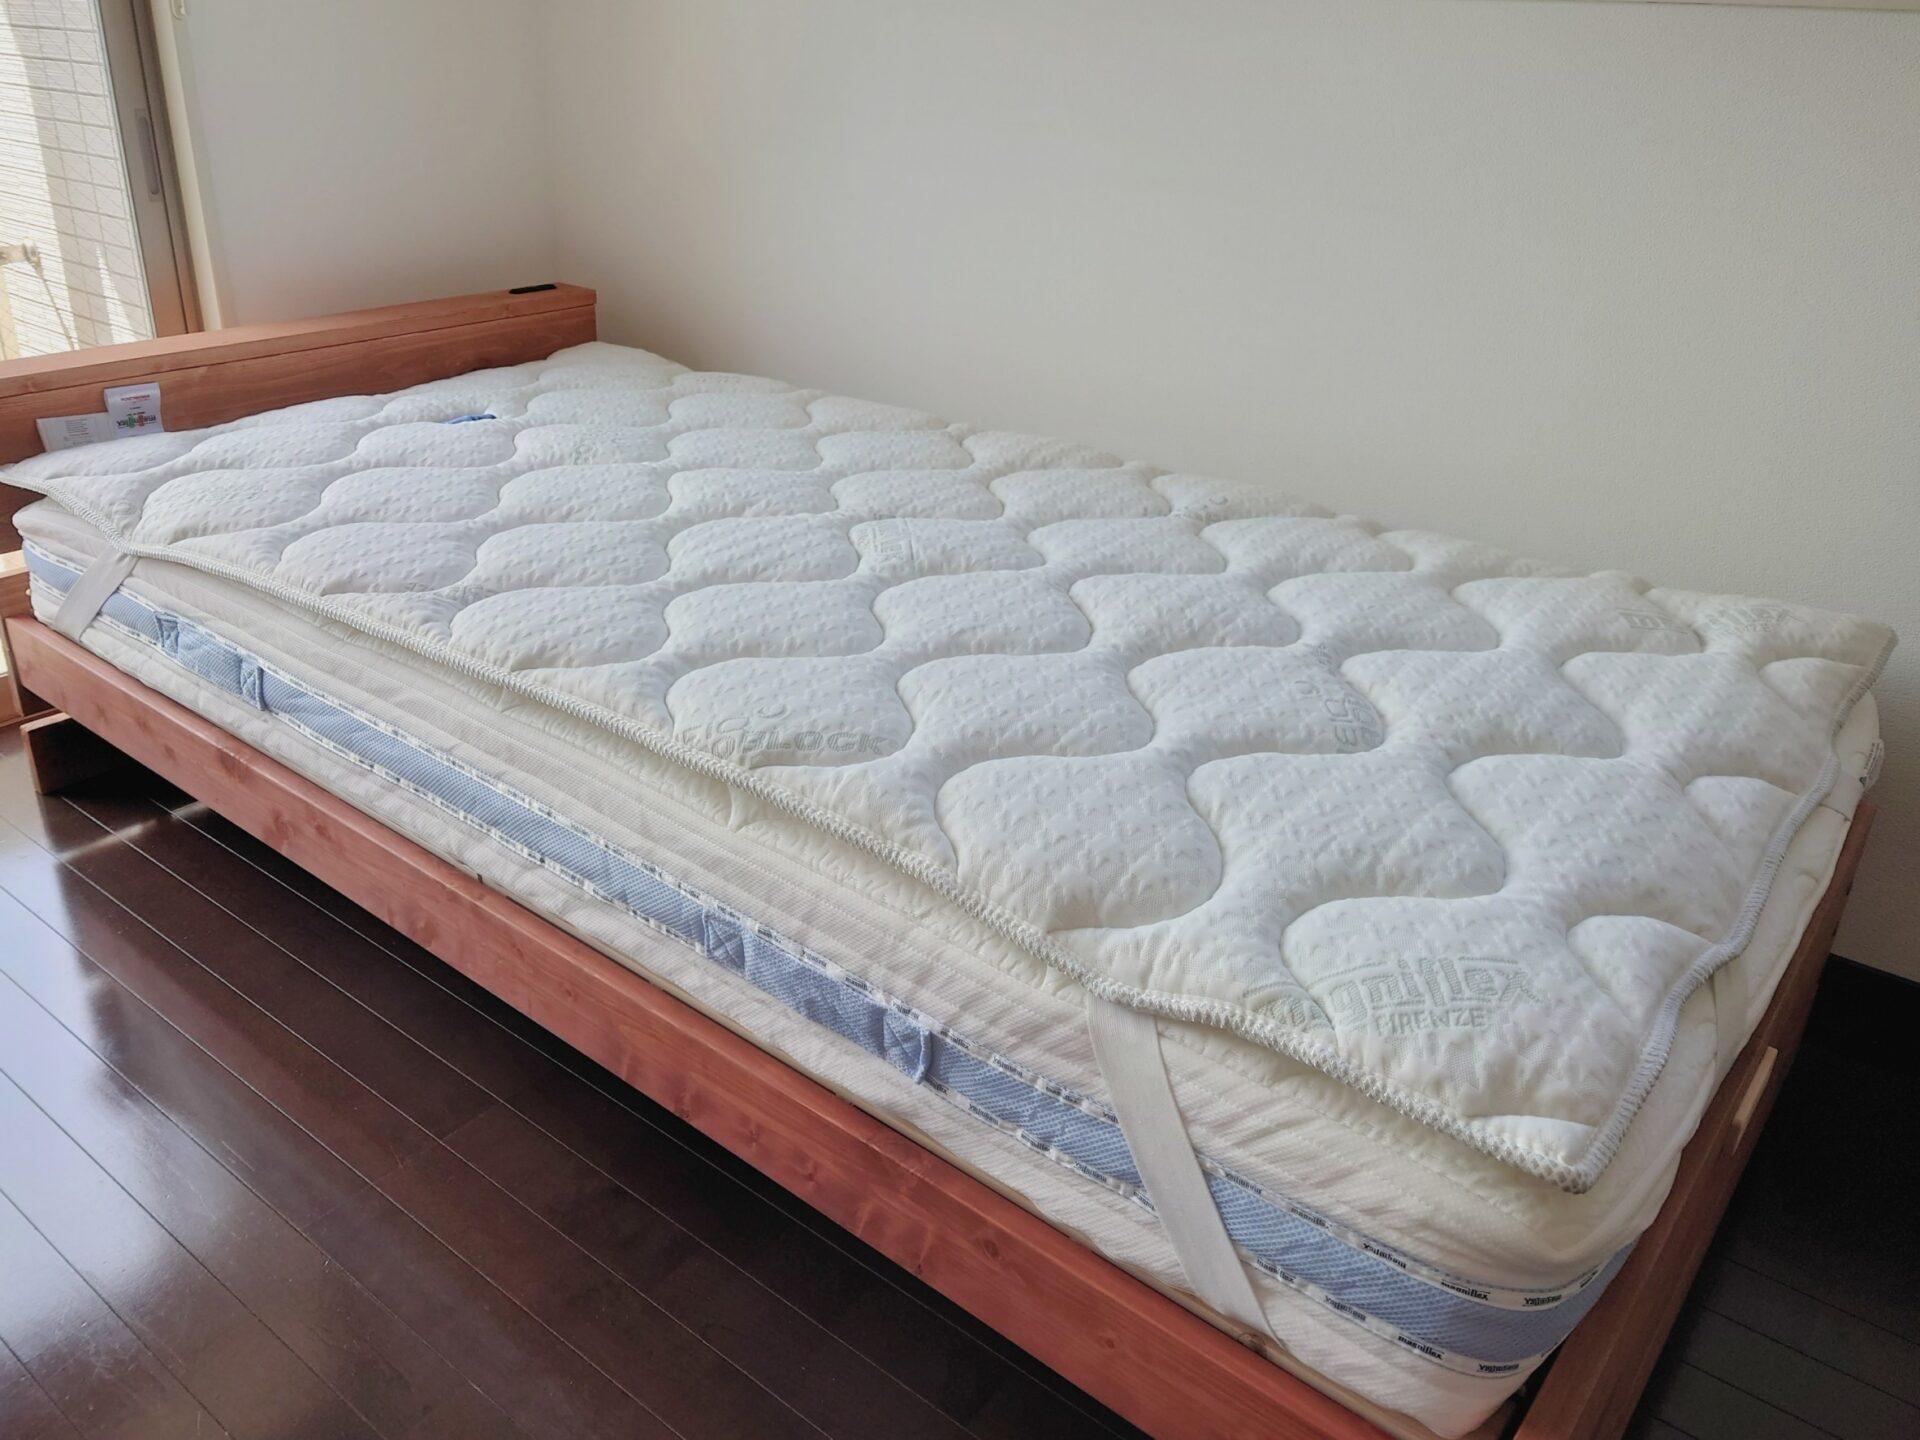 オクラホマとヴィロブロックトッパーで格別の寝心地